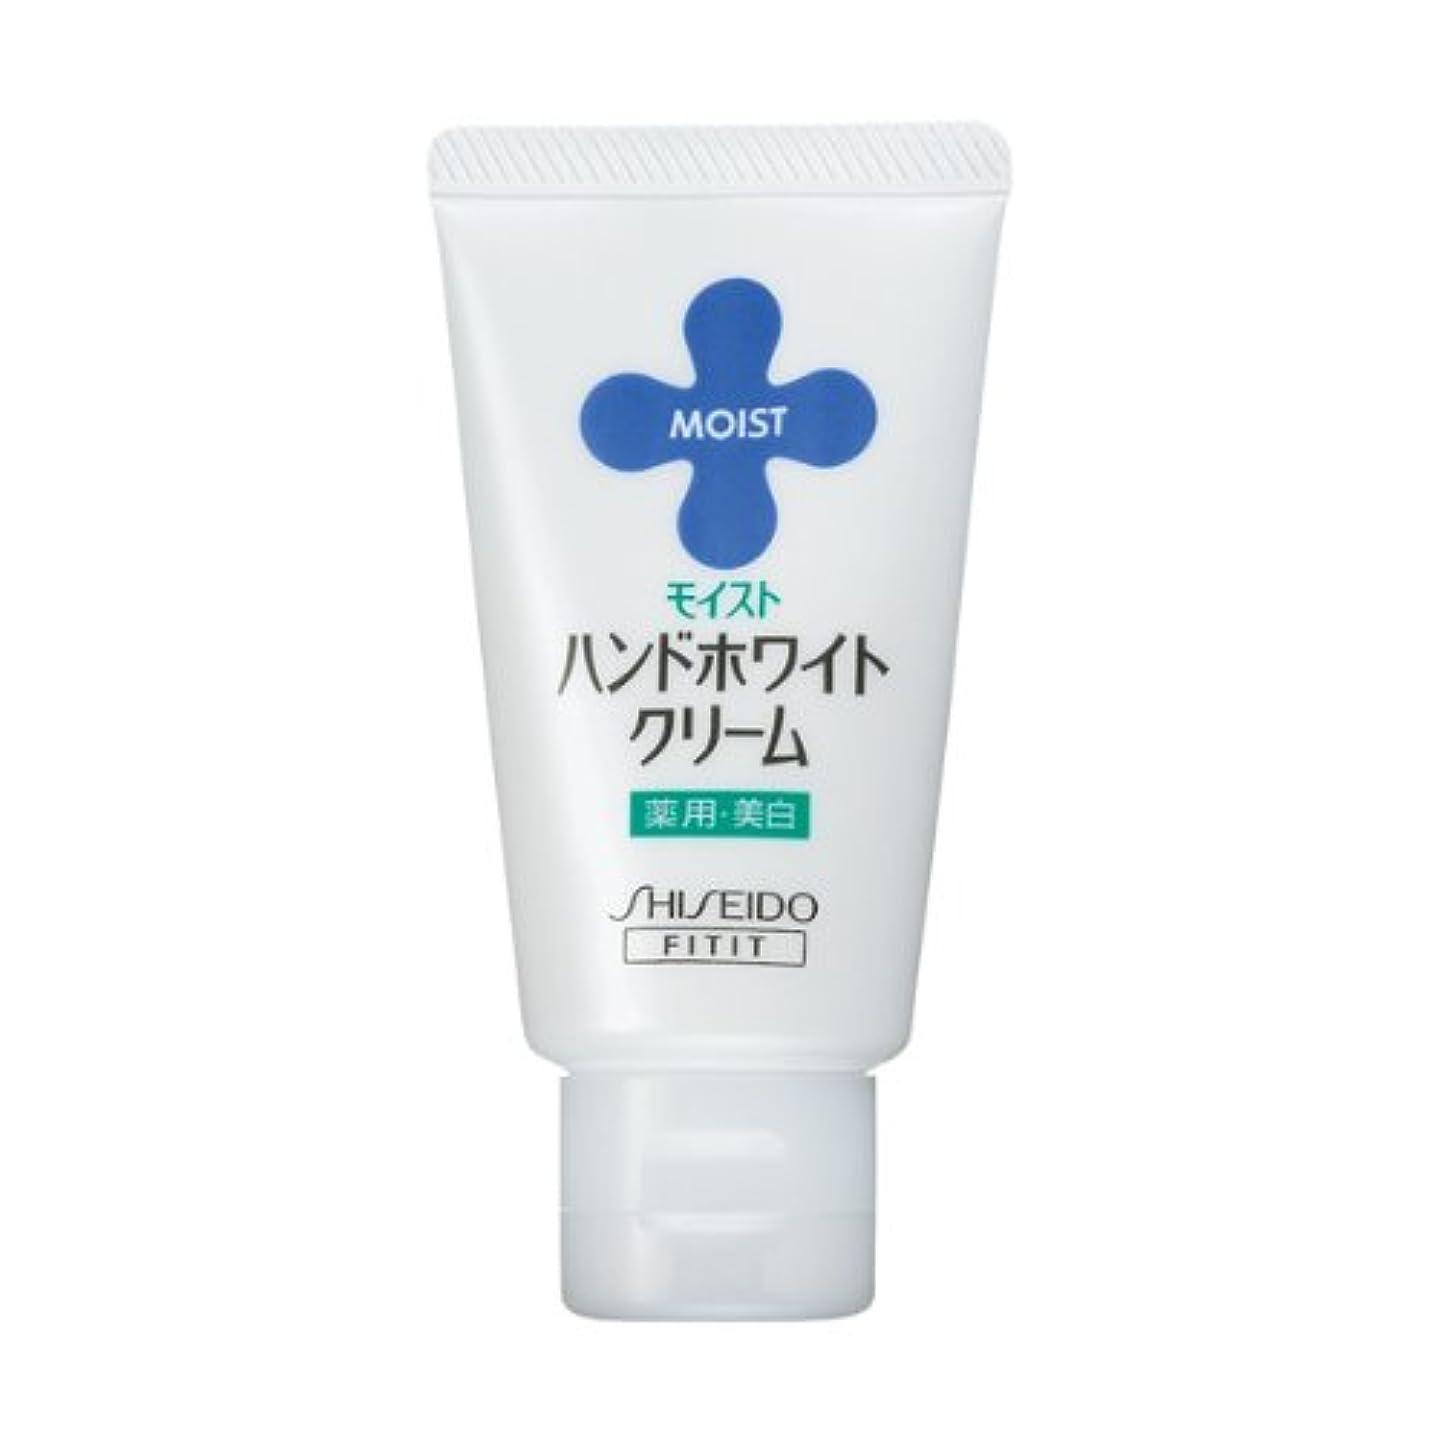 ゲート粘液寄り添うモイスト ハンドホワイトクリーム S 40g 【医薬部外品】